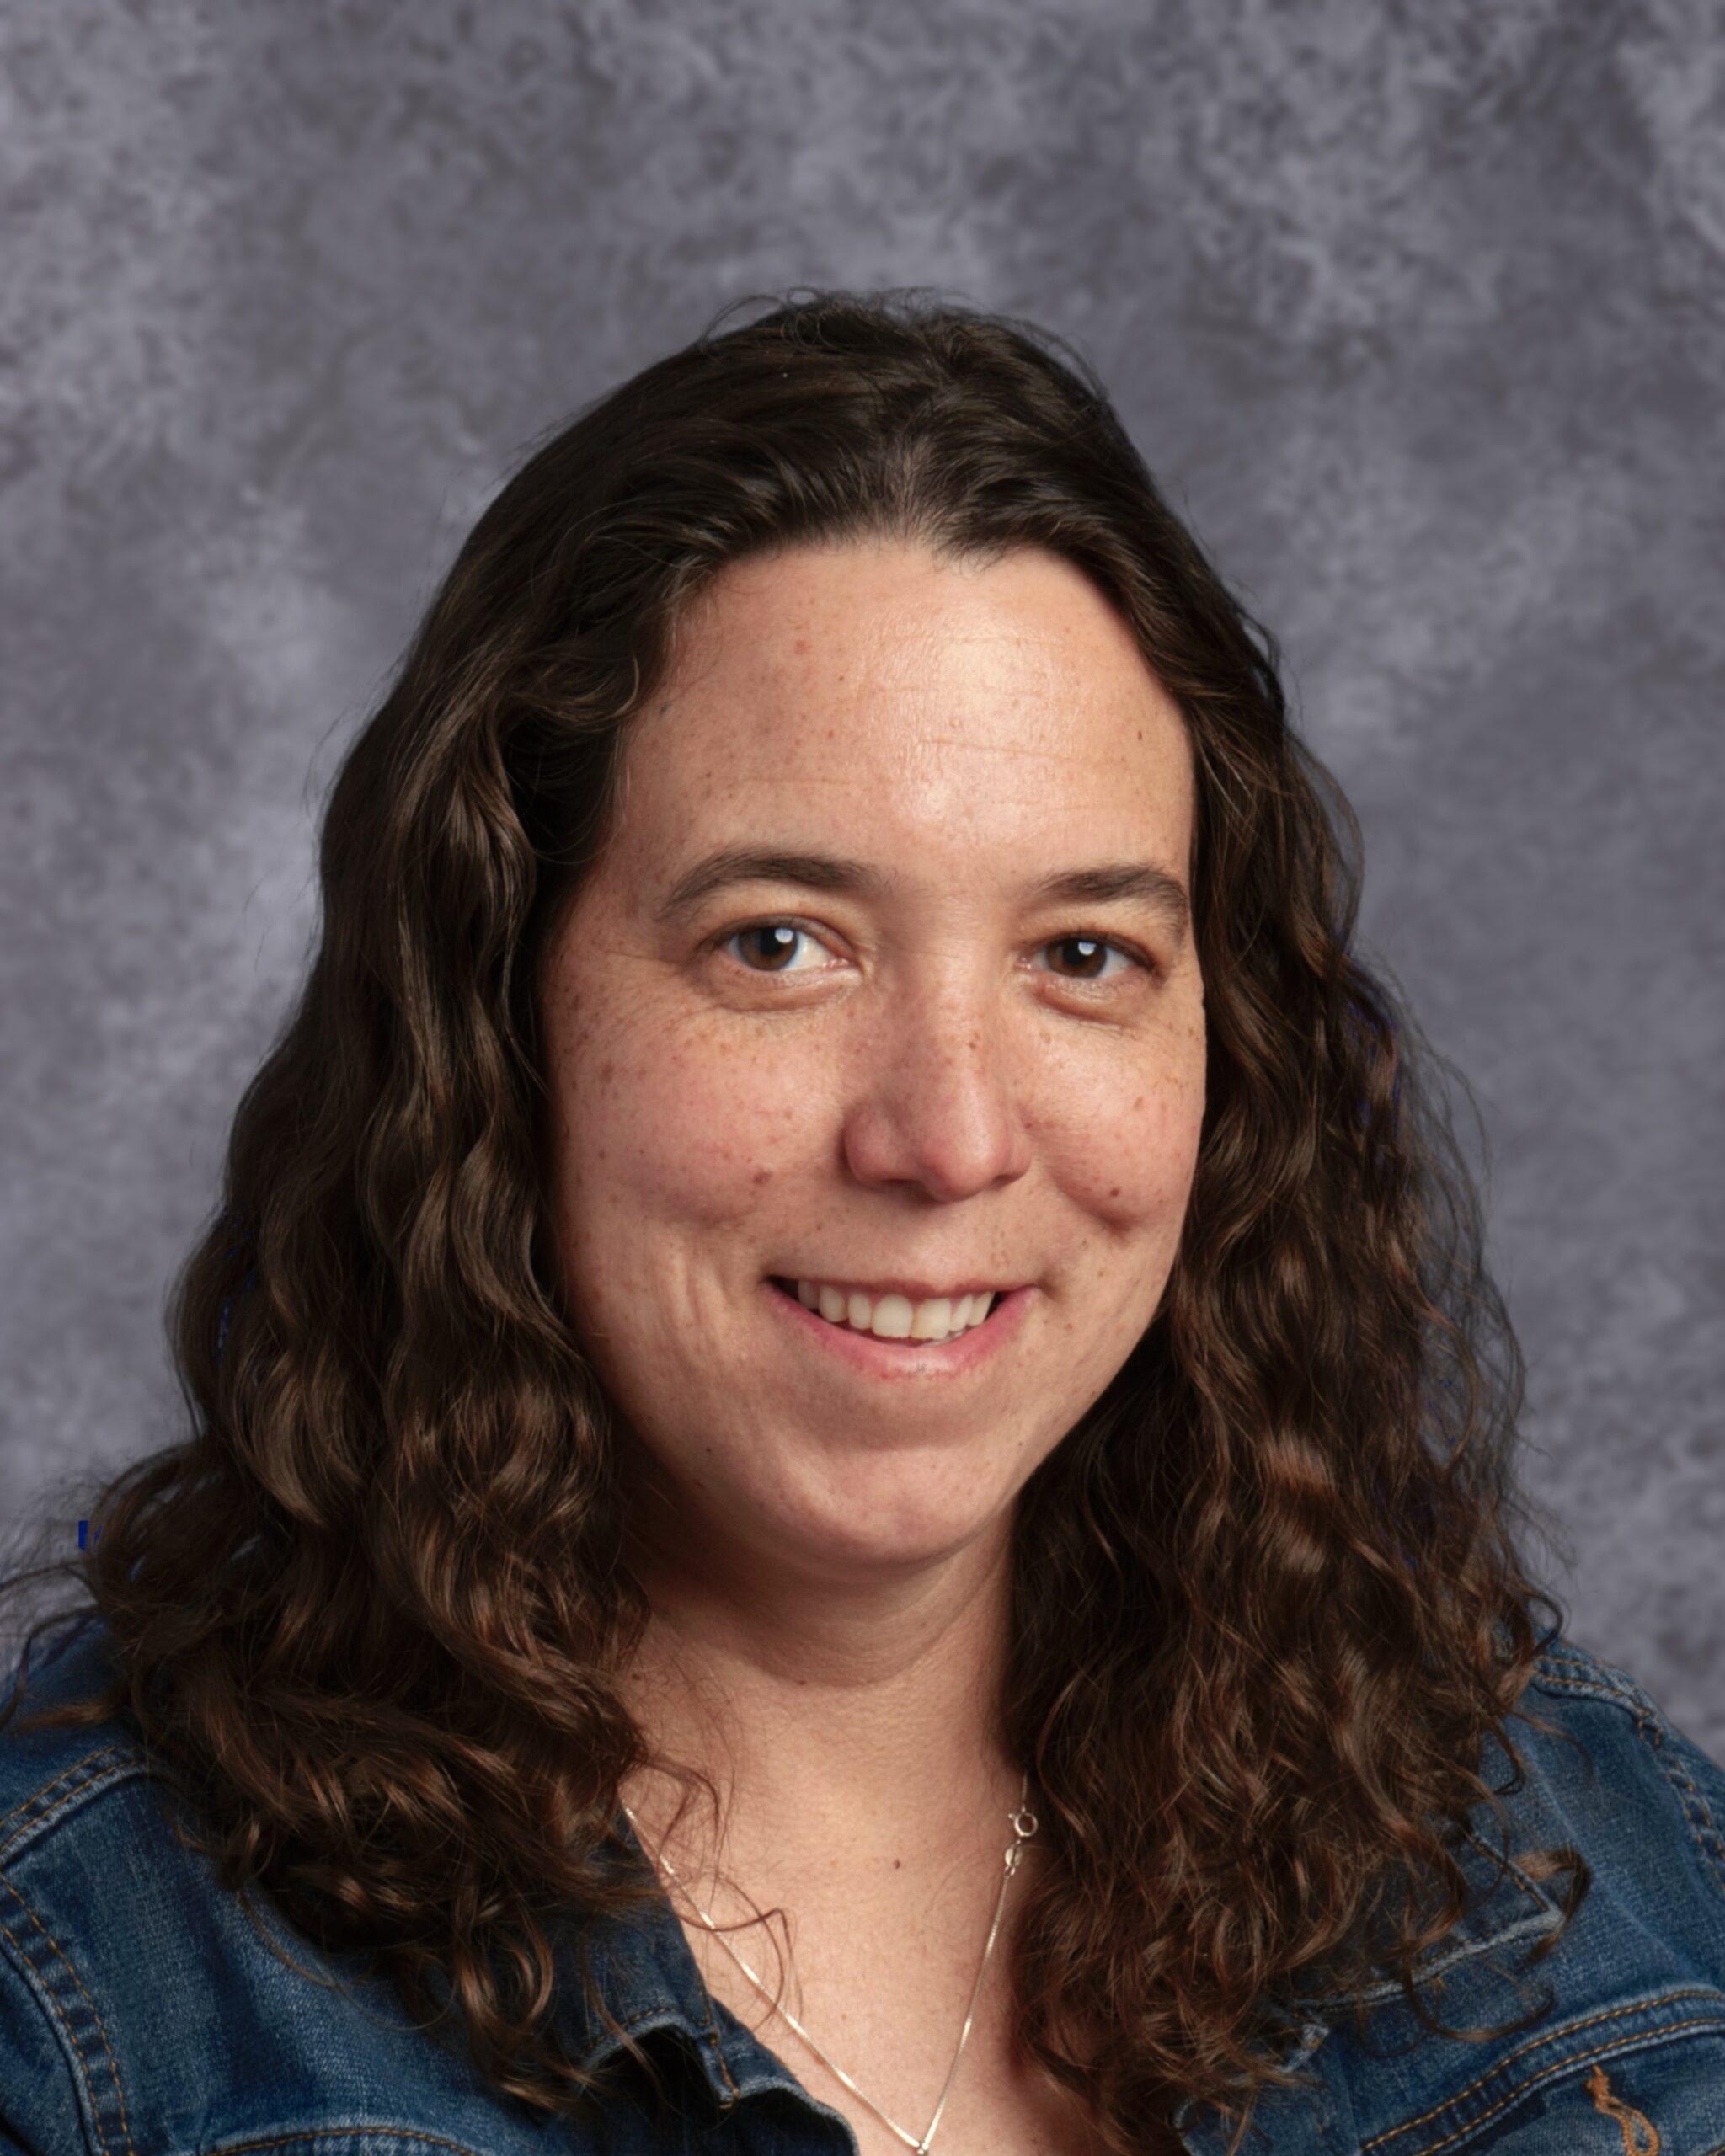 Julie Bernardi